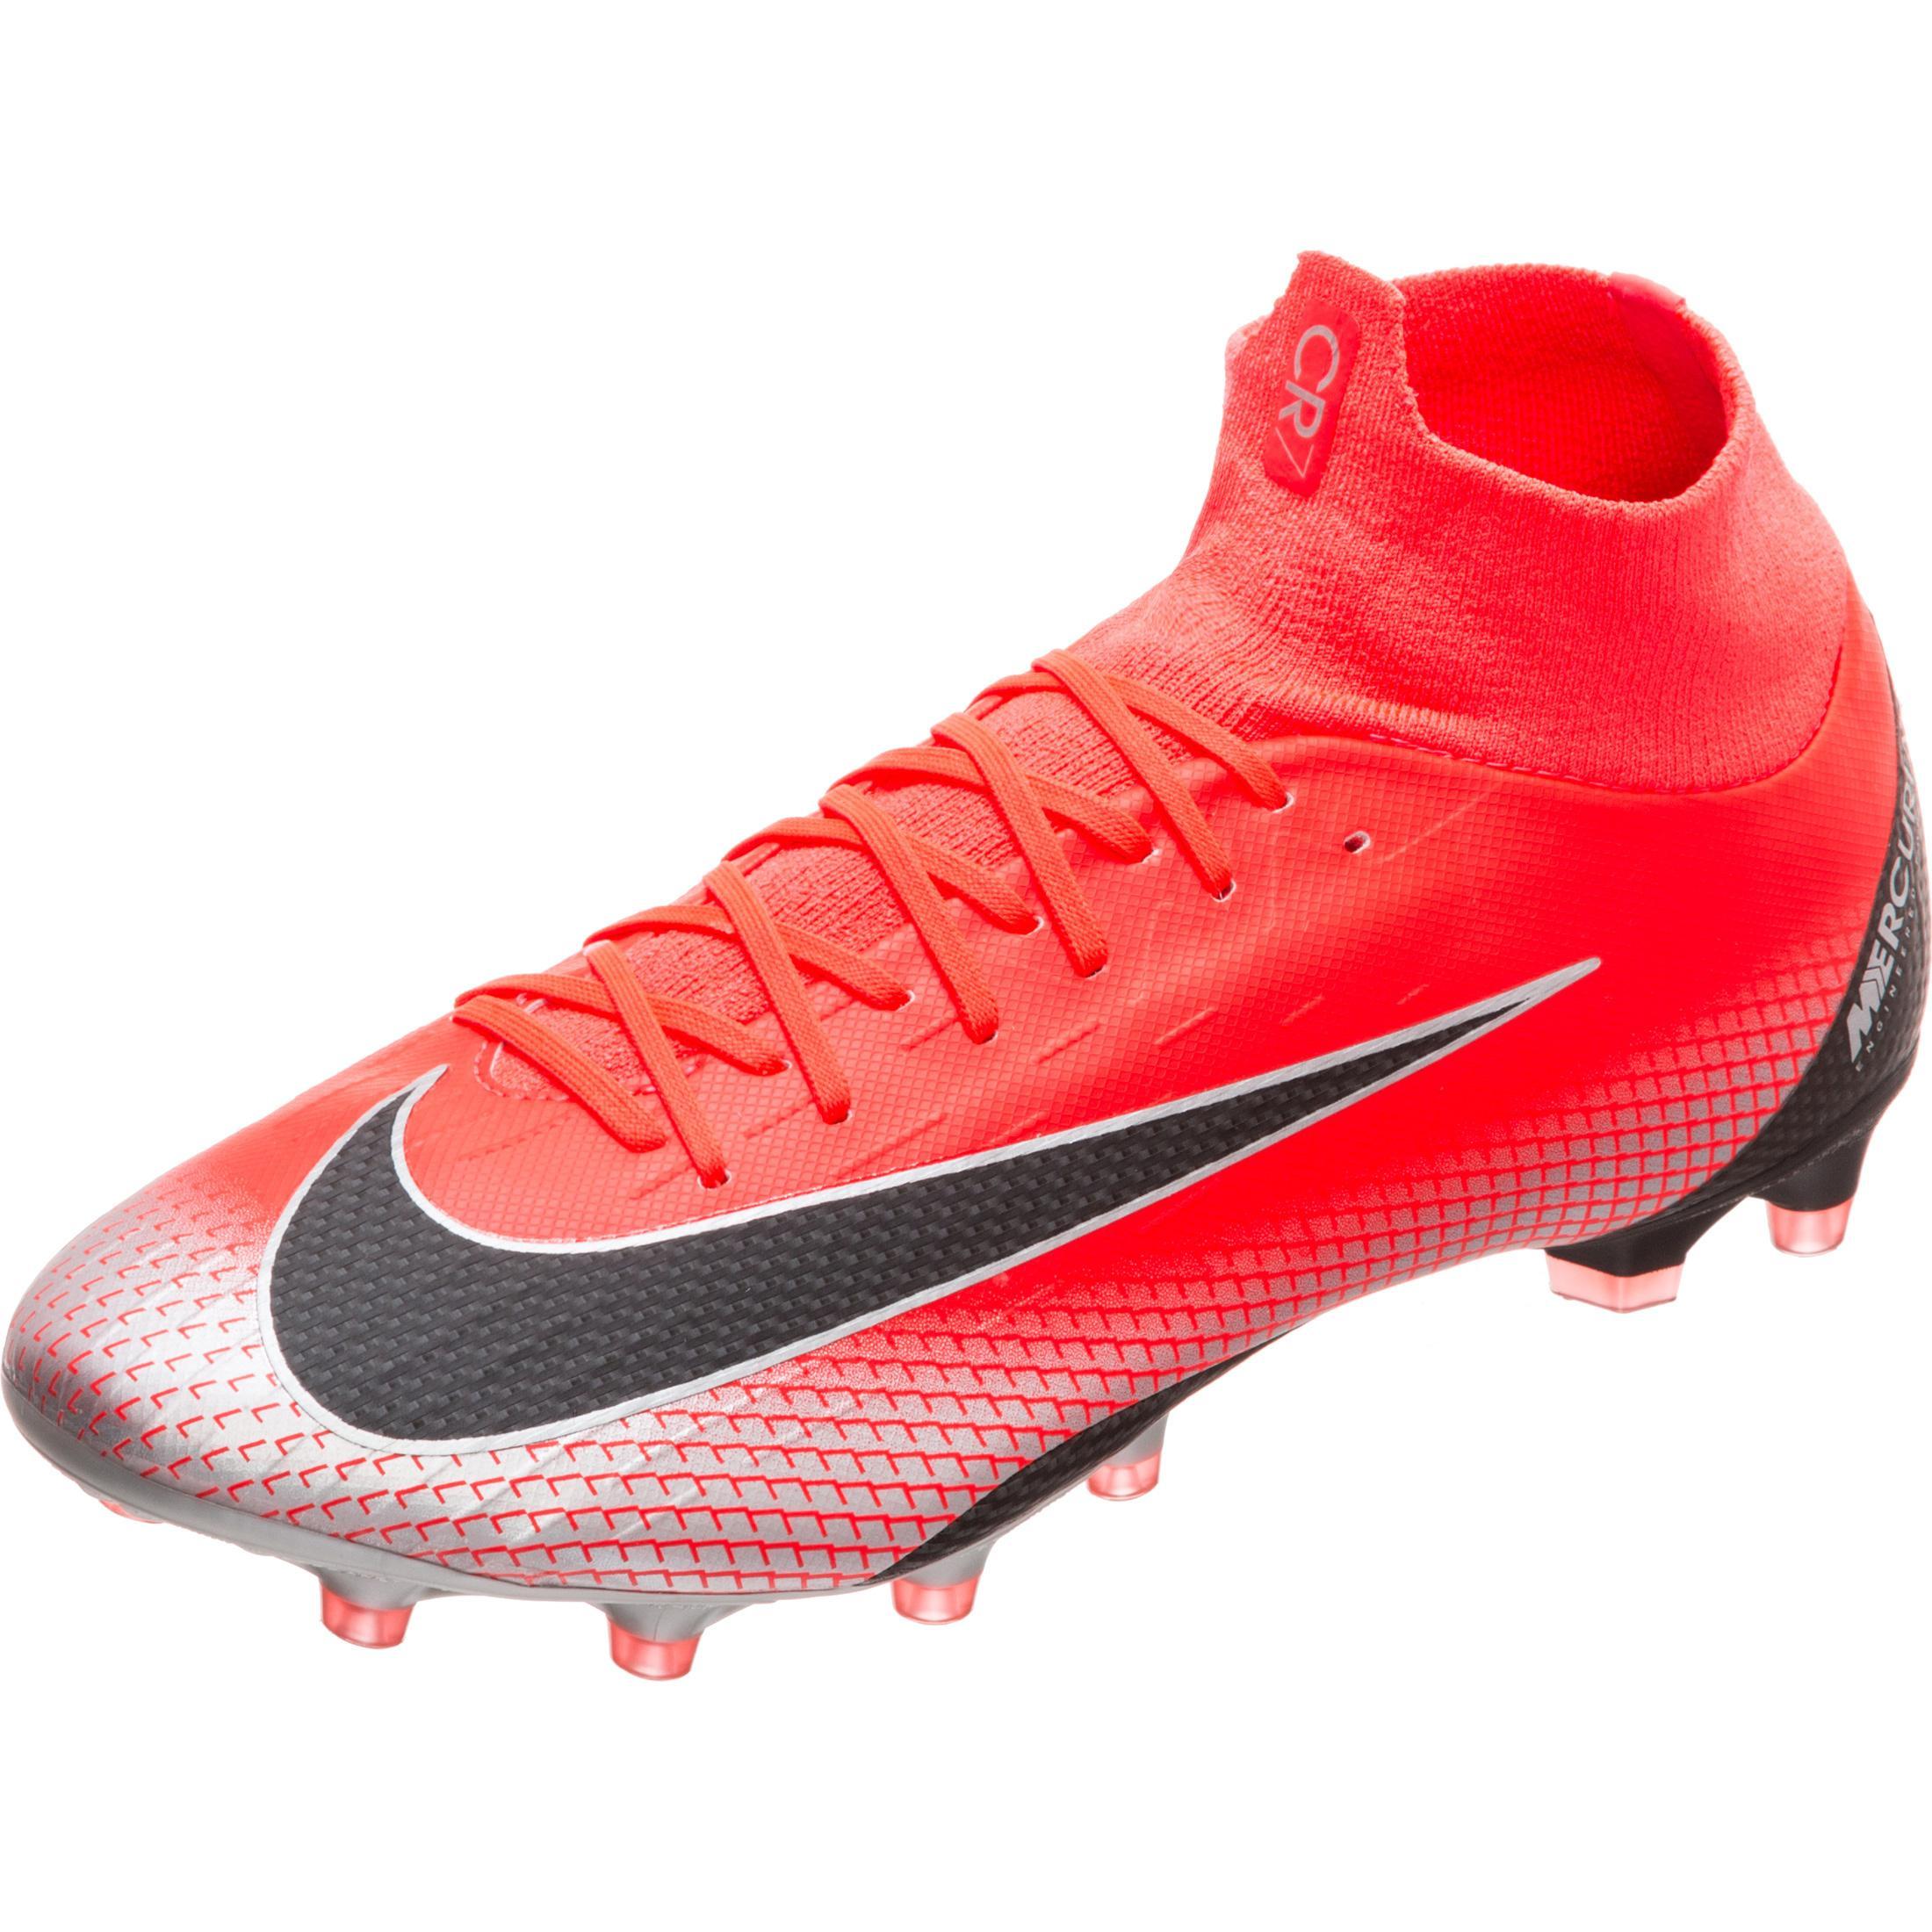 on sale e3e85 676cf Nike Mercurial Superfly VI Pro CR7 Fußballschuhe Herren neonrot / schwarz  im Online Shop von SportScheck kaufen